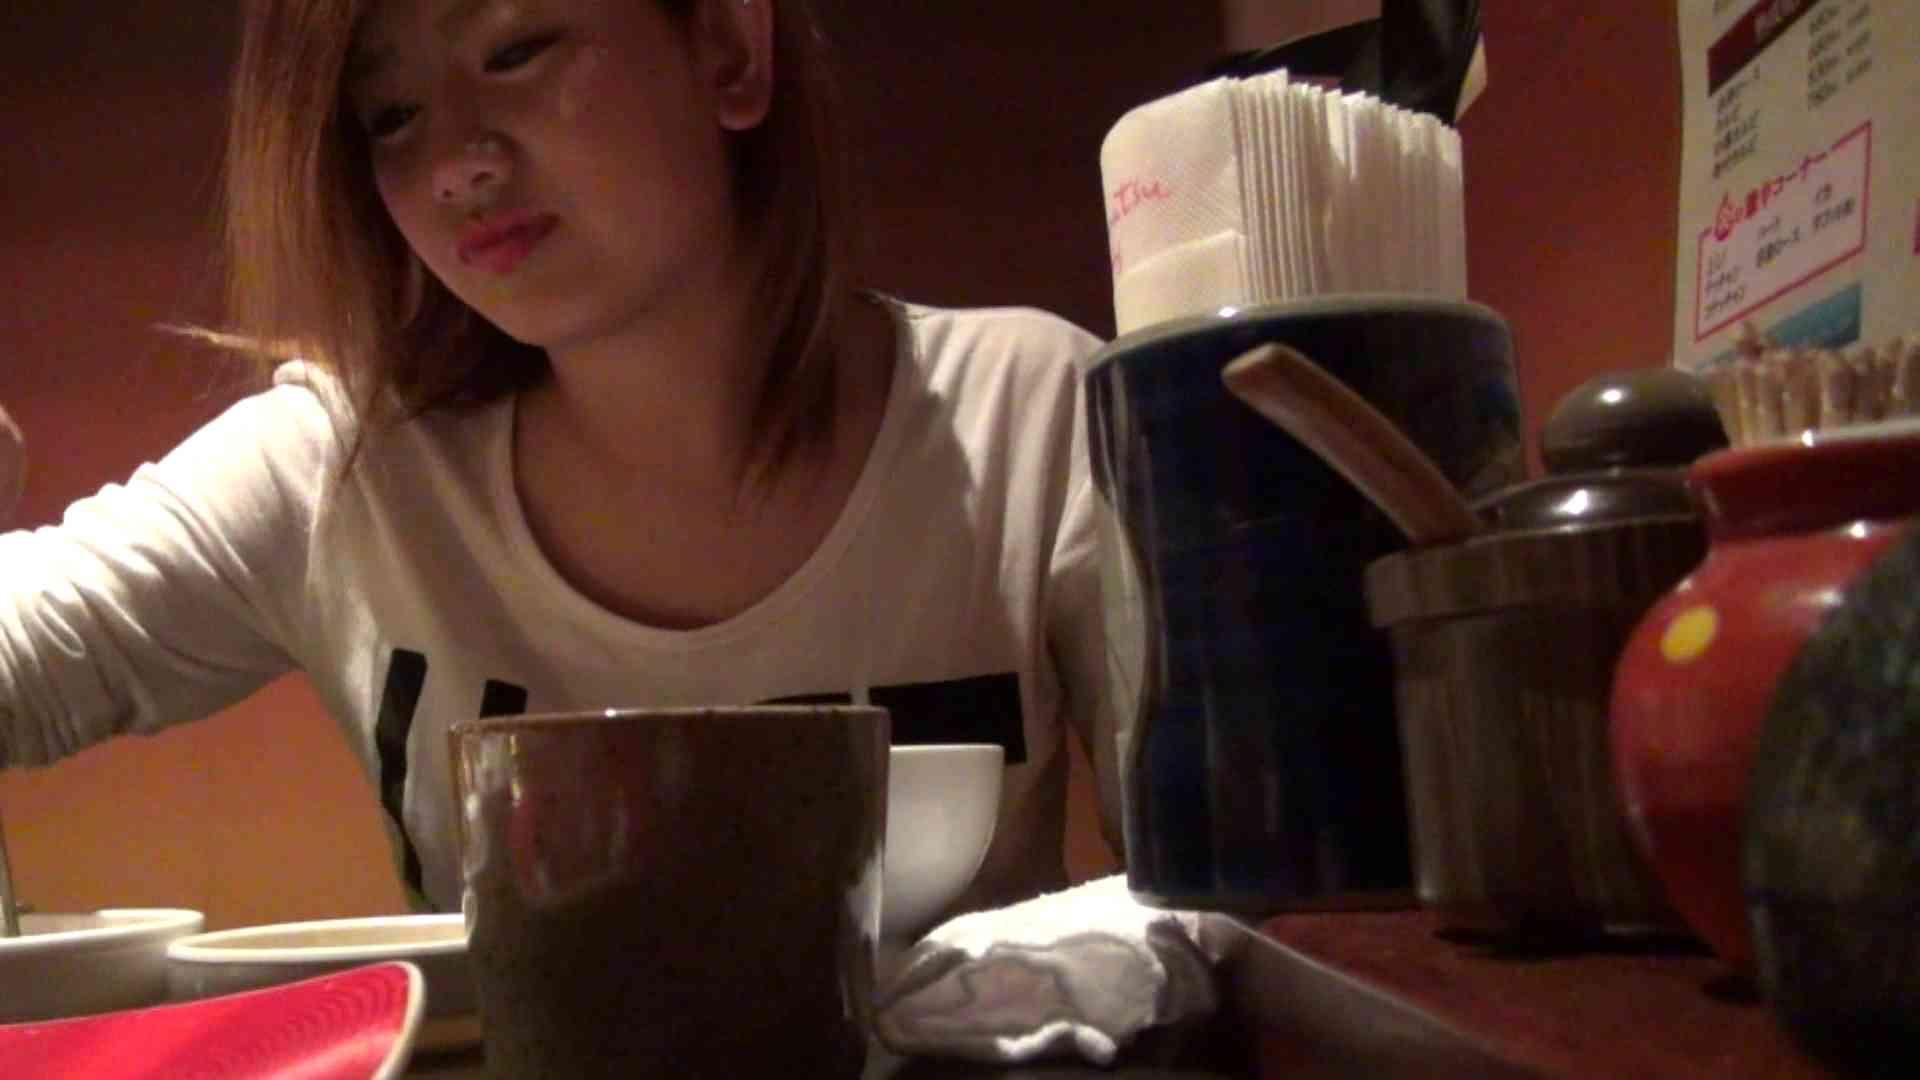 【出会い01】大助さんMちゃんと食事会 友人 | 悪戯  74連発 13